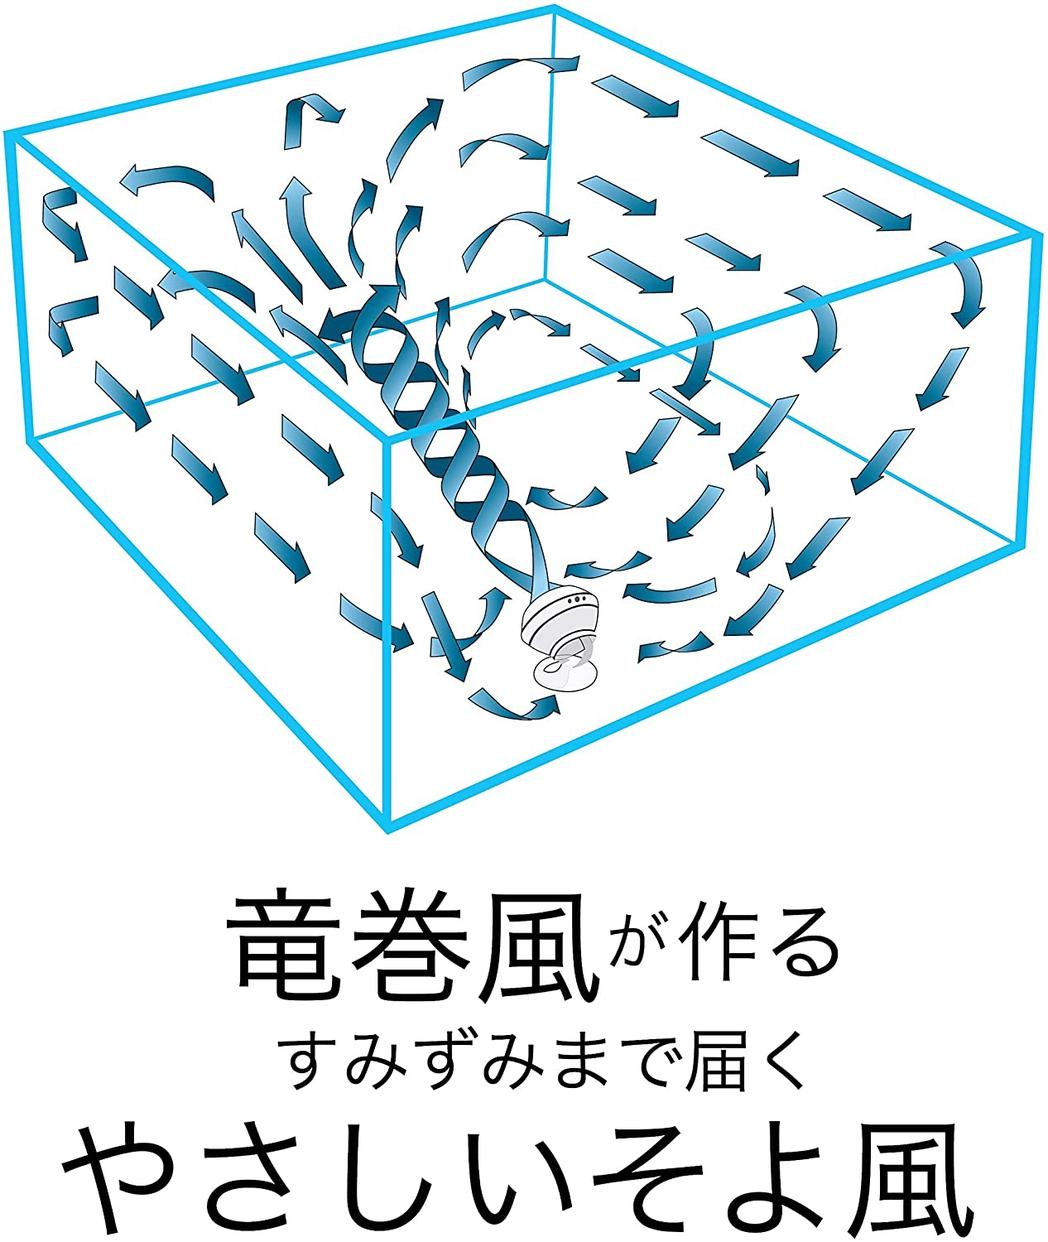 VORNADO(ボルネード) サーキュレーター DCモーターモデル 6303DC-JPの商品画像3